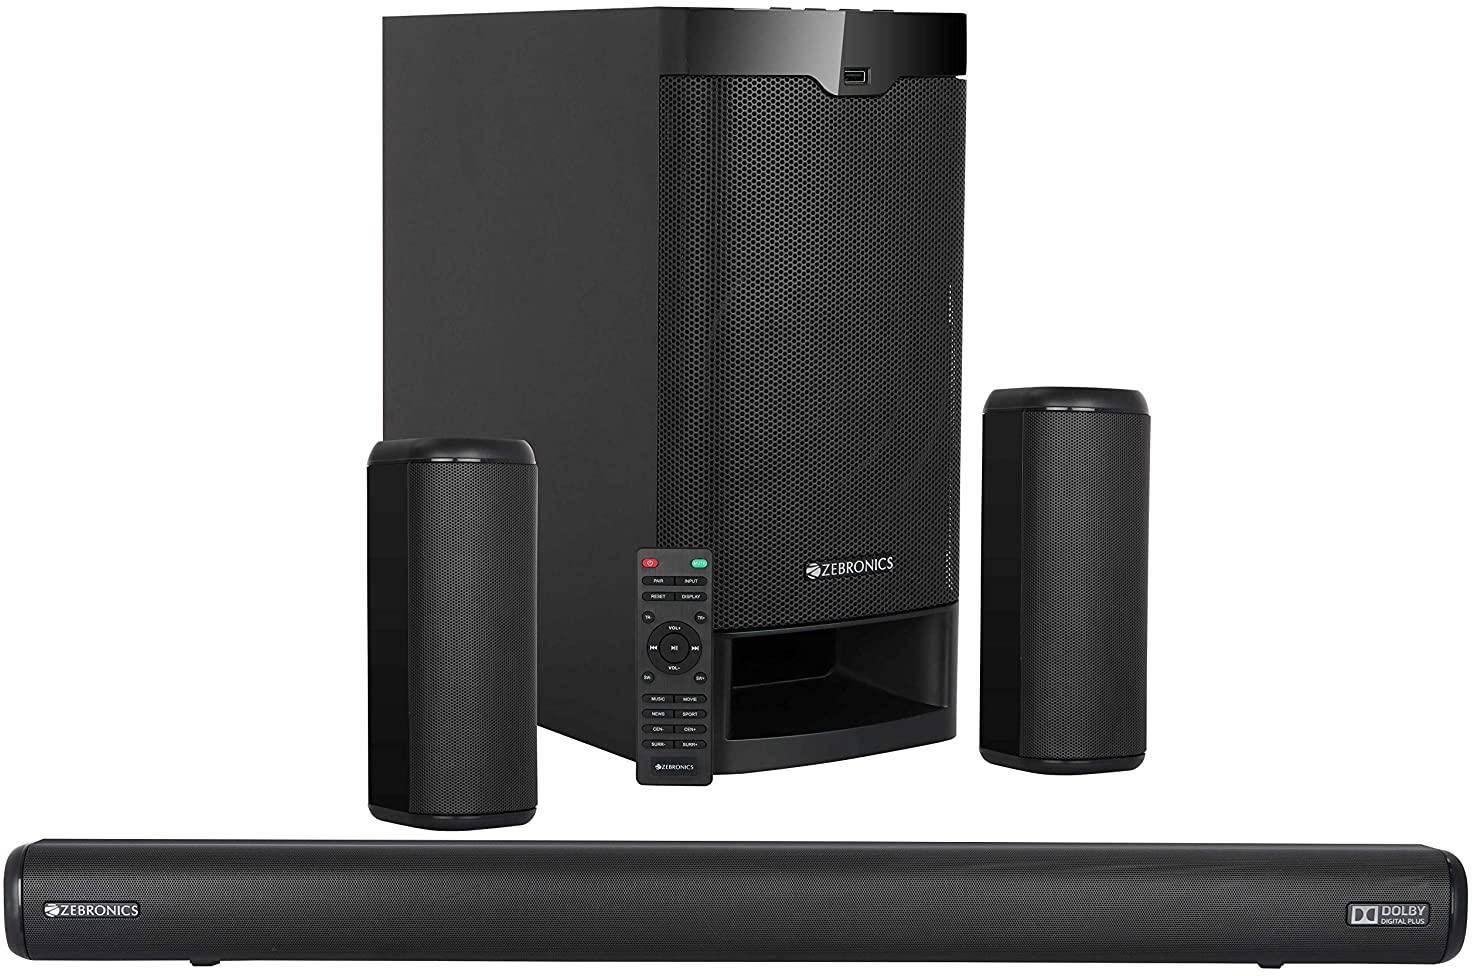 Zebronics Zeb-Juke Bar 9400 Pro Dolby 5.1 525 W 5.1 Soundbar With Subwoofer zoom image